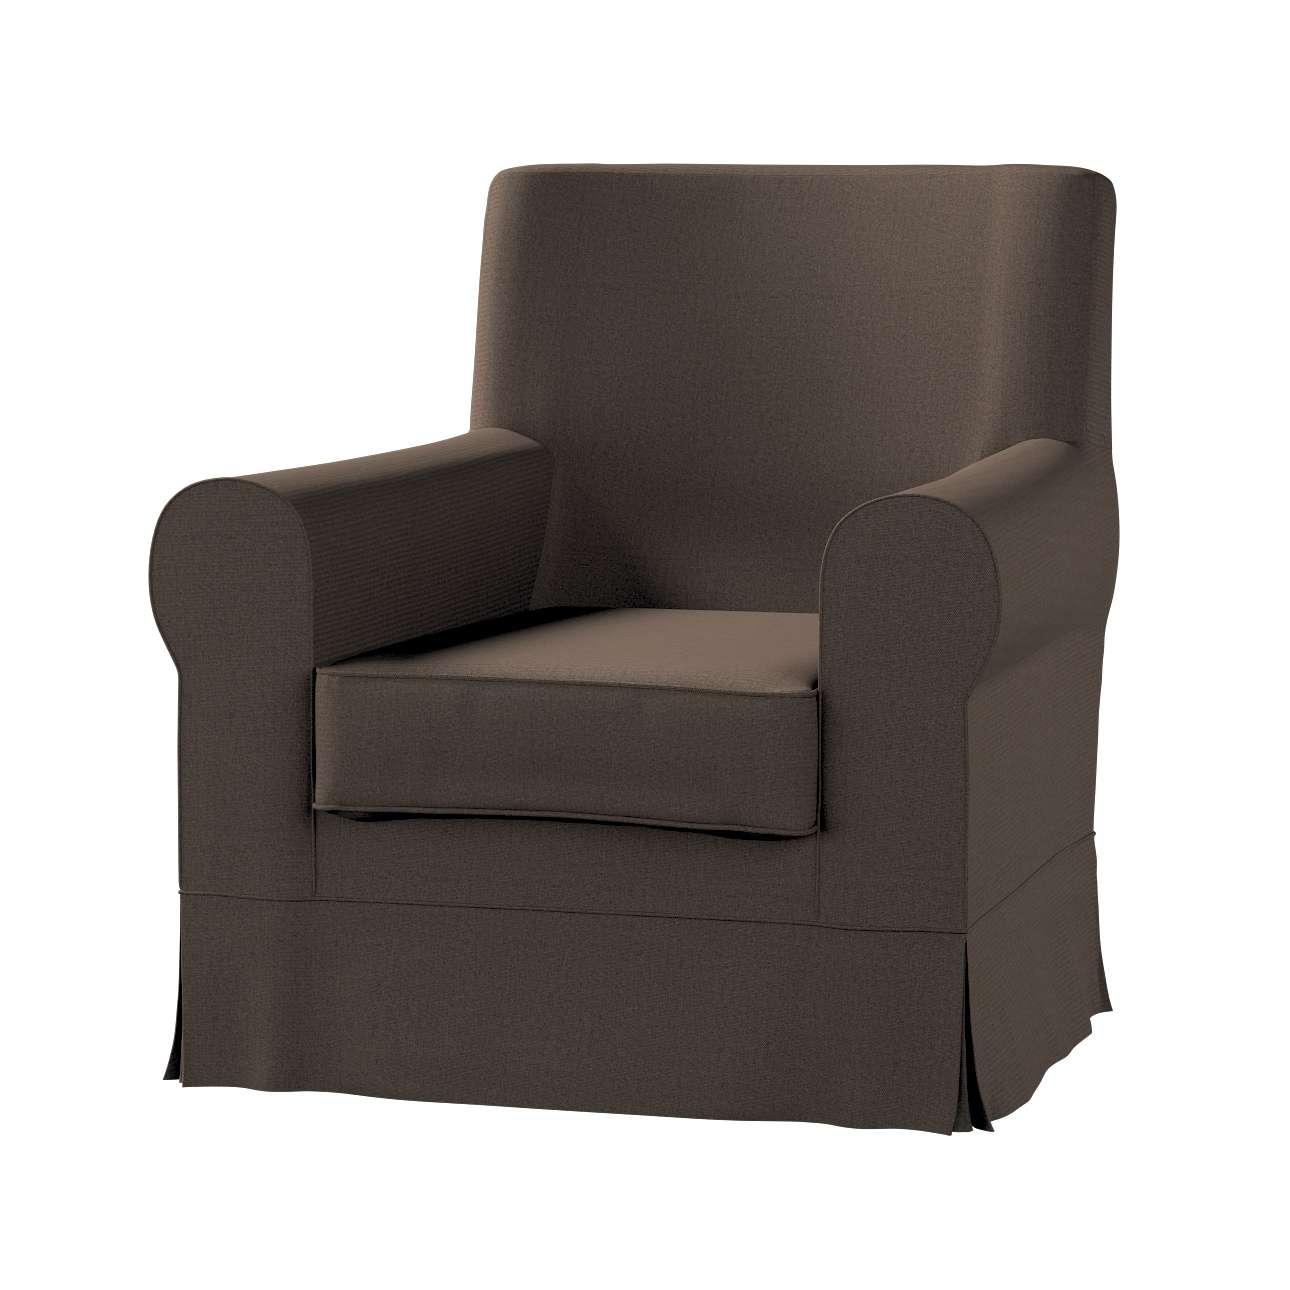 EKTORP JENNYLUND fotelio užvalkalas Ektorp Jennylund fotelio užvalkalas kolekcijoje Etna , audinys: 705-08